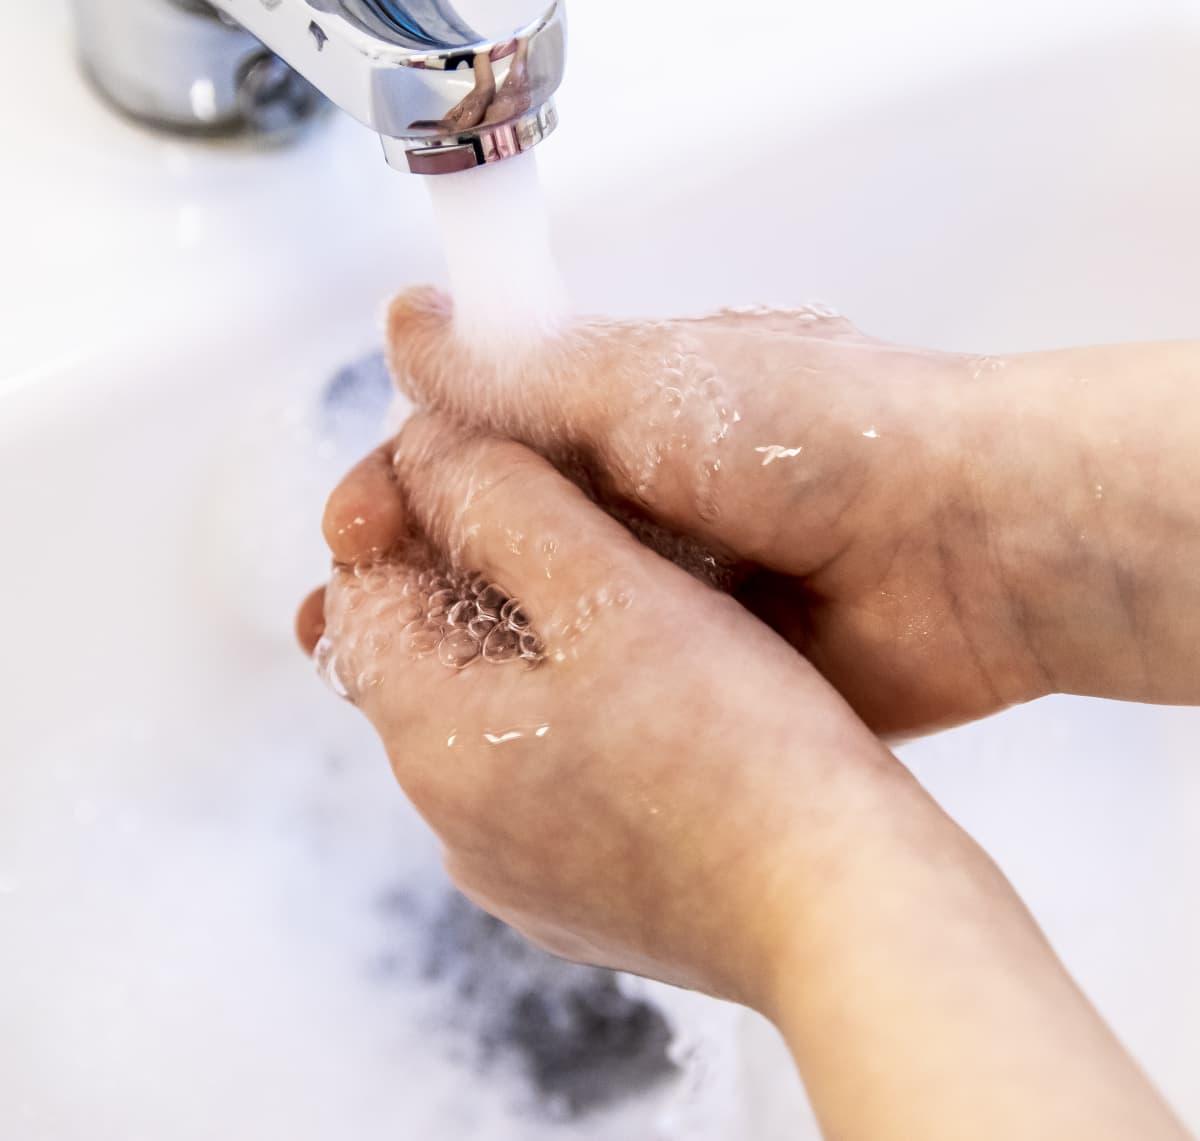 Kädet vesihanan alla.